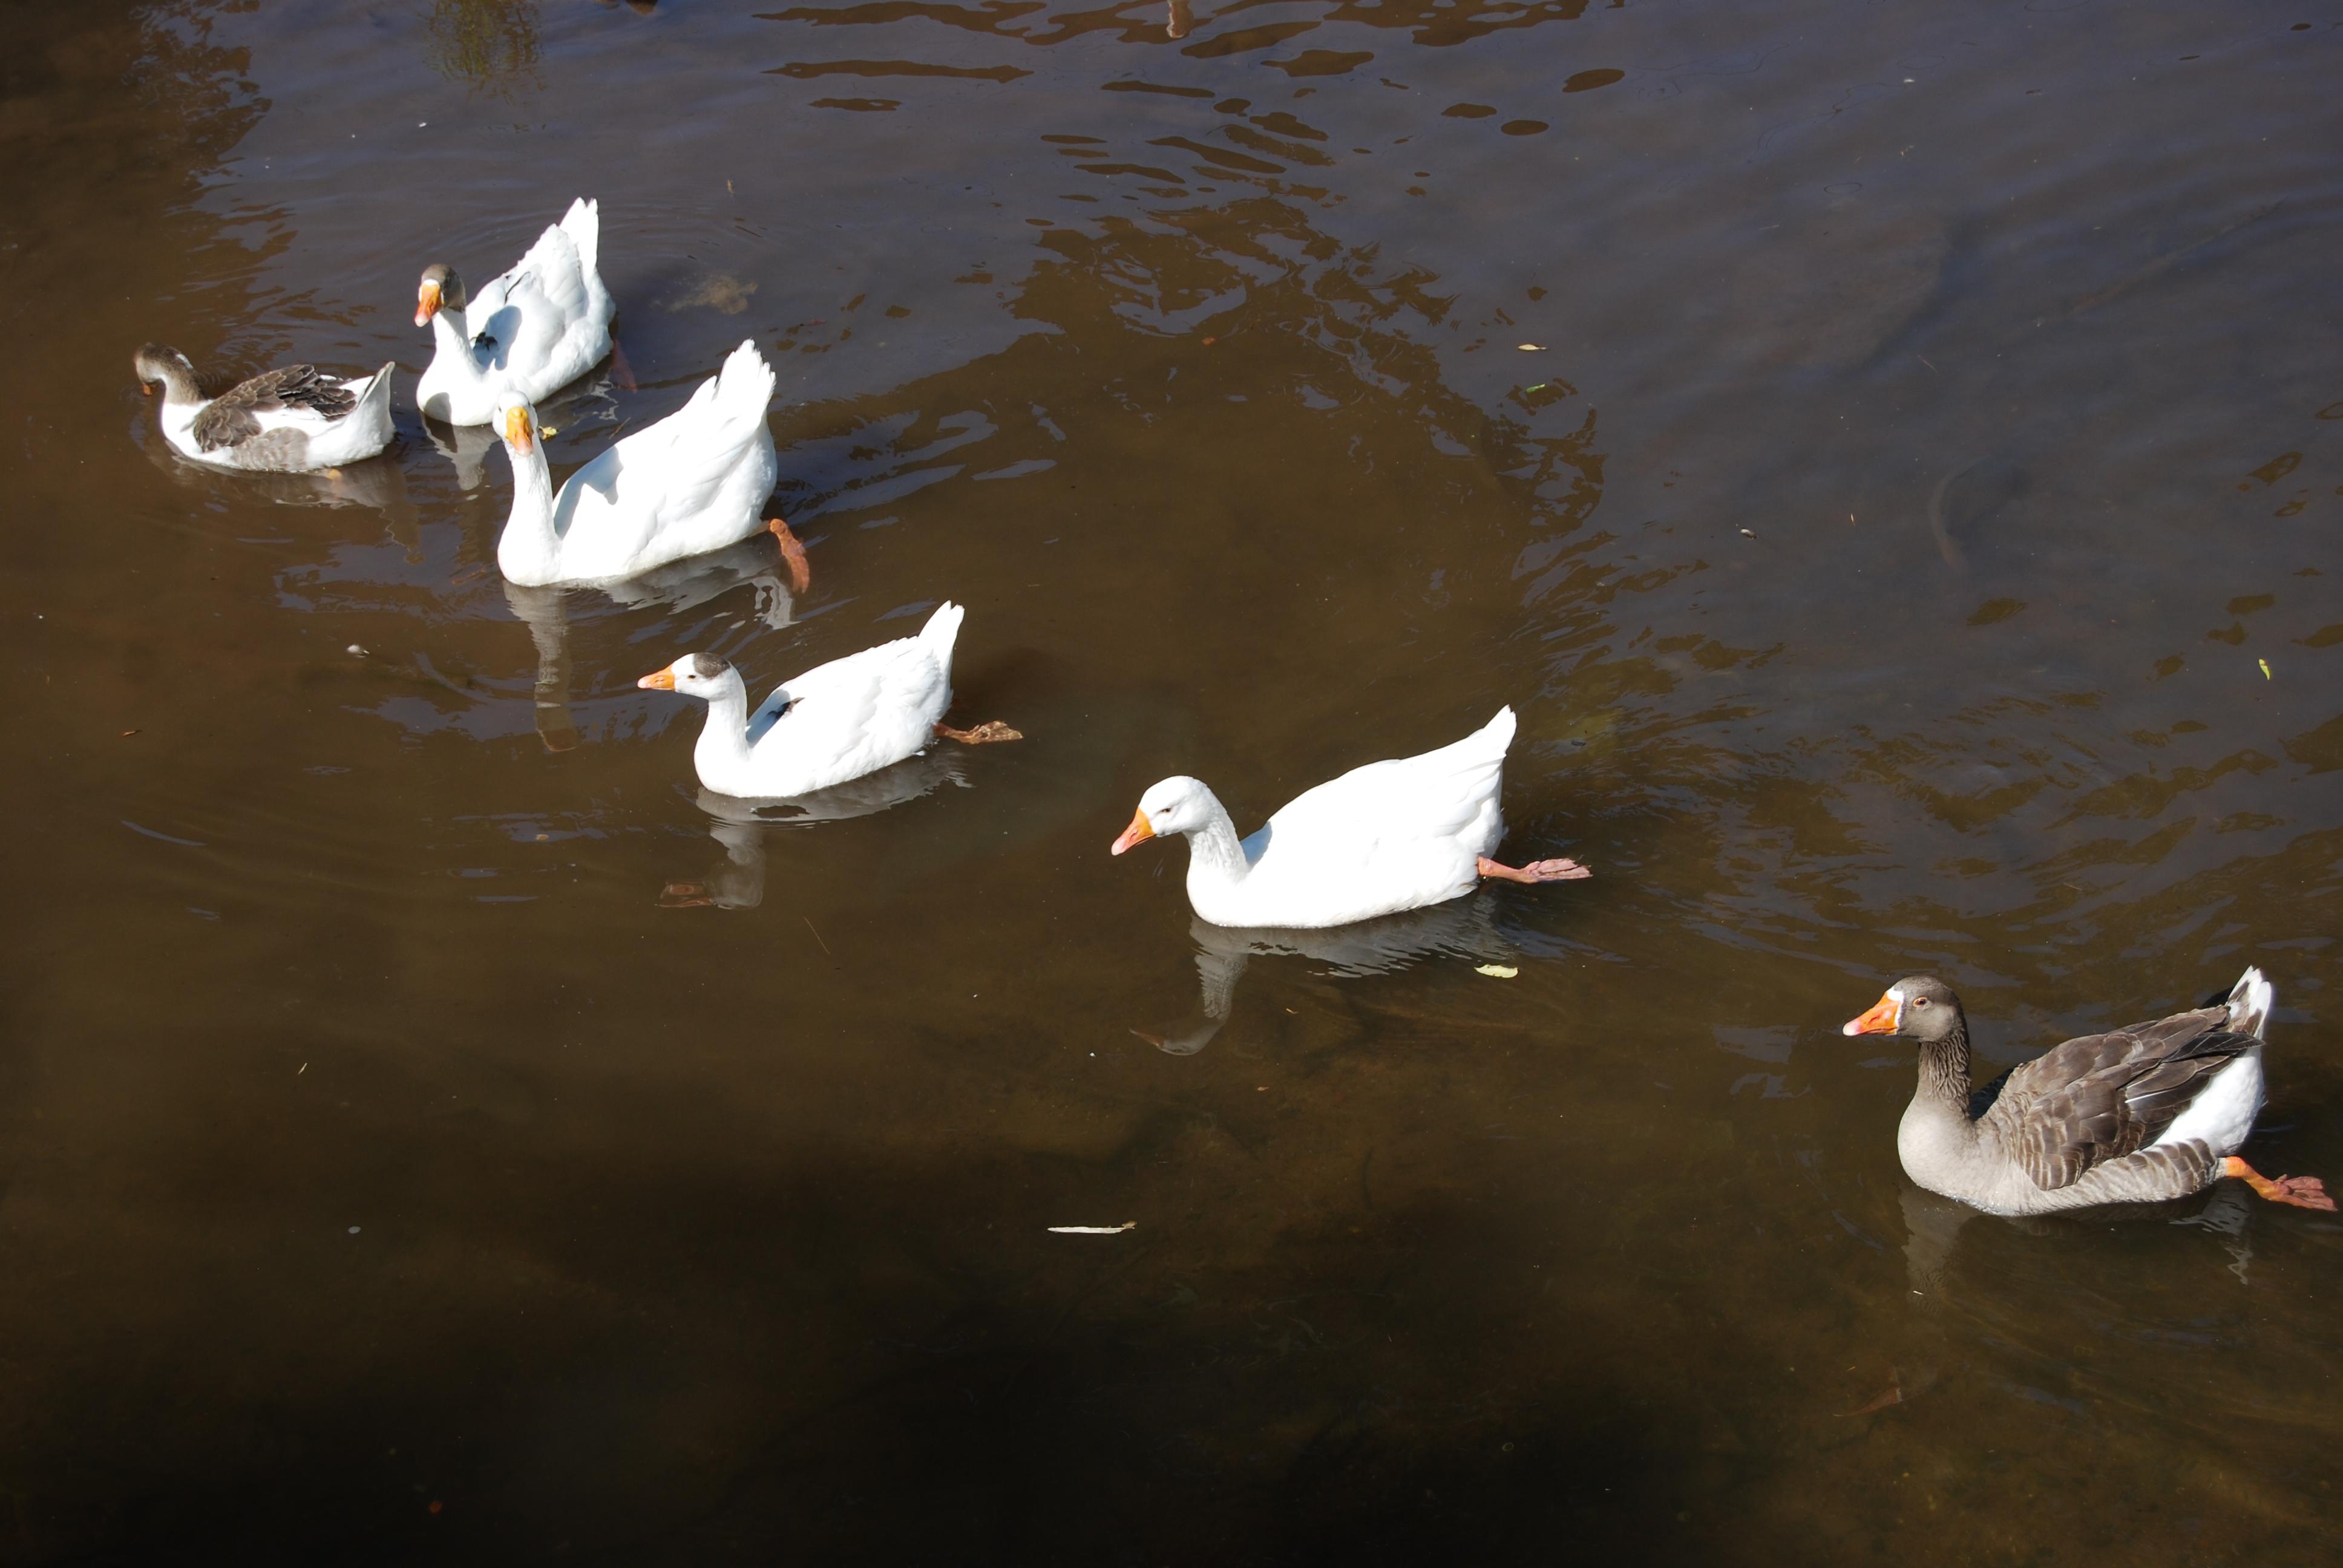 Duck race?